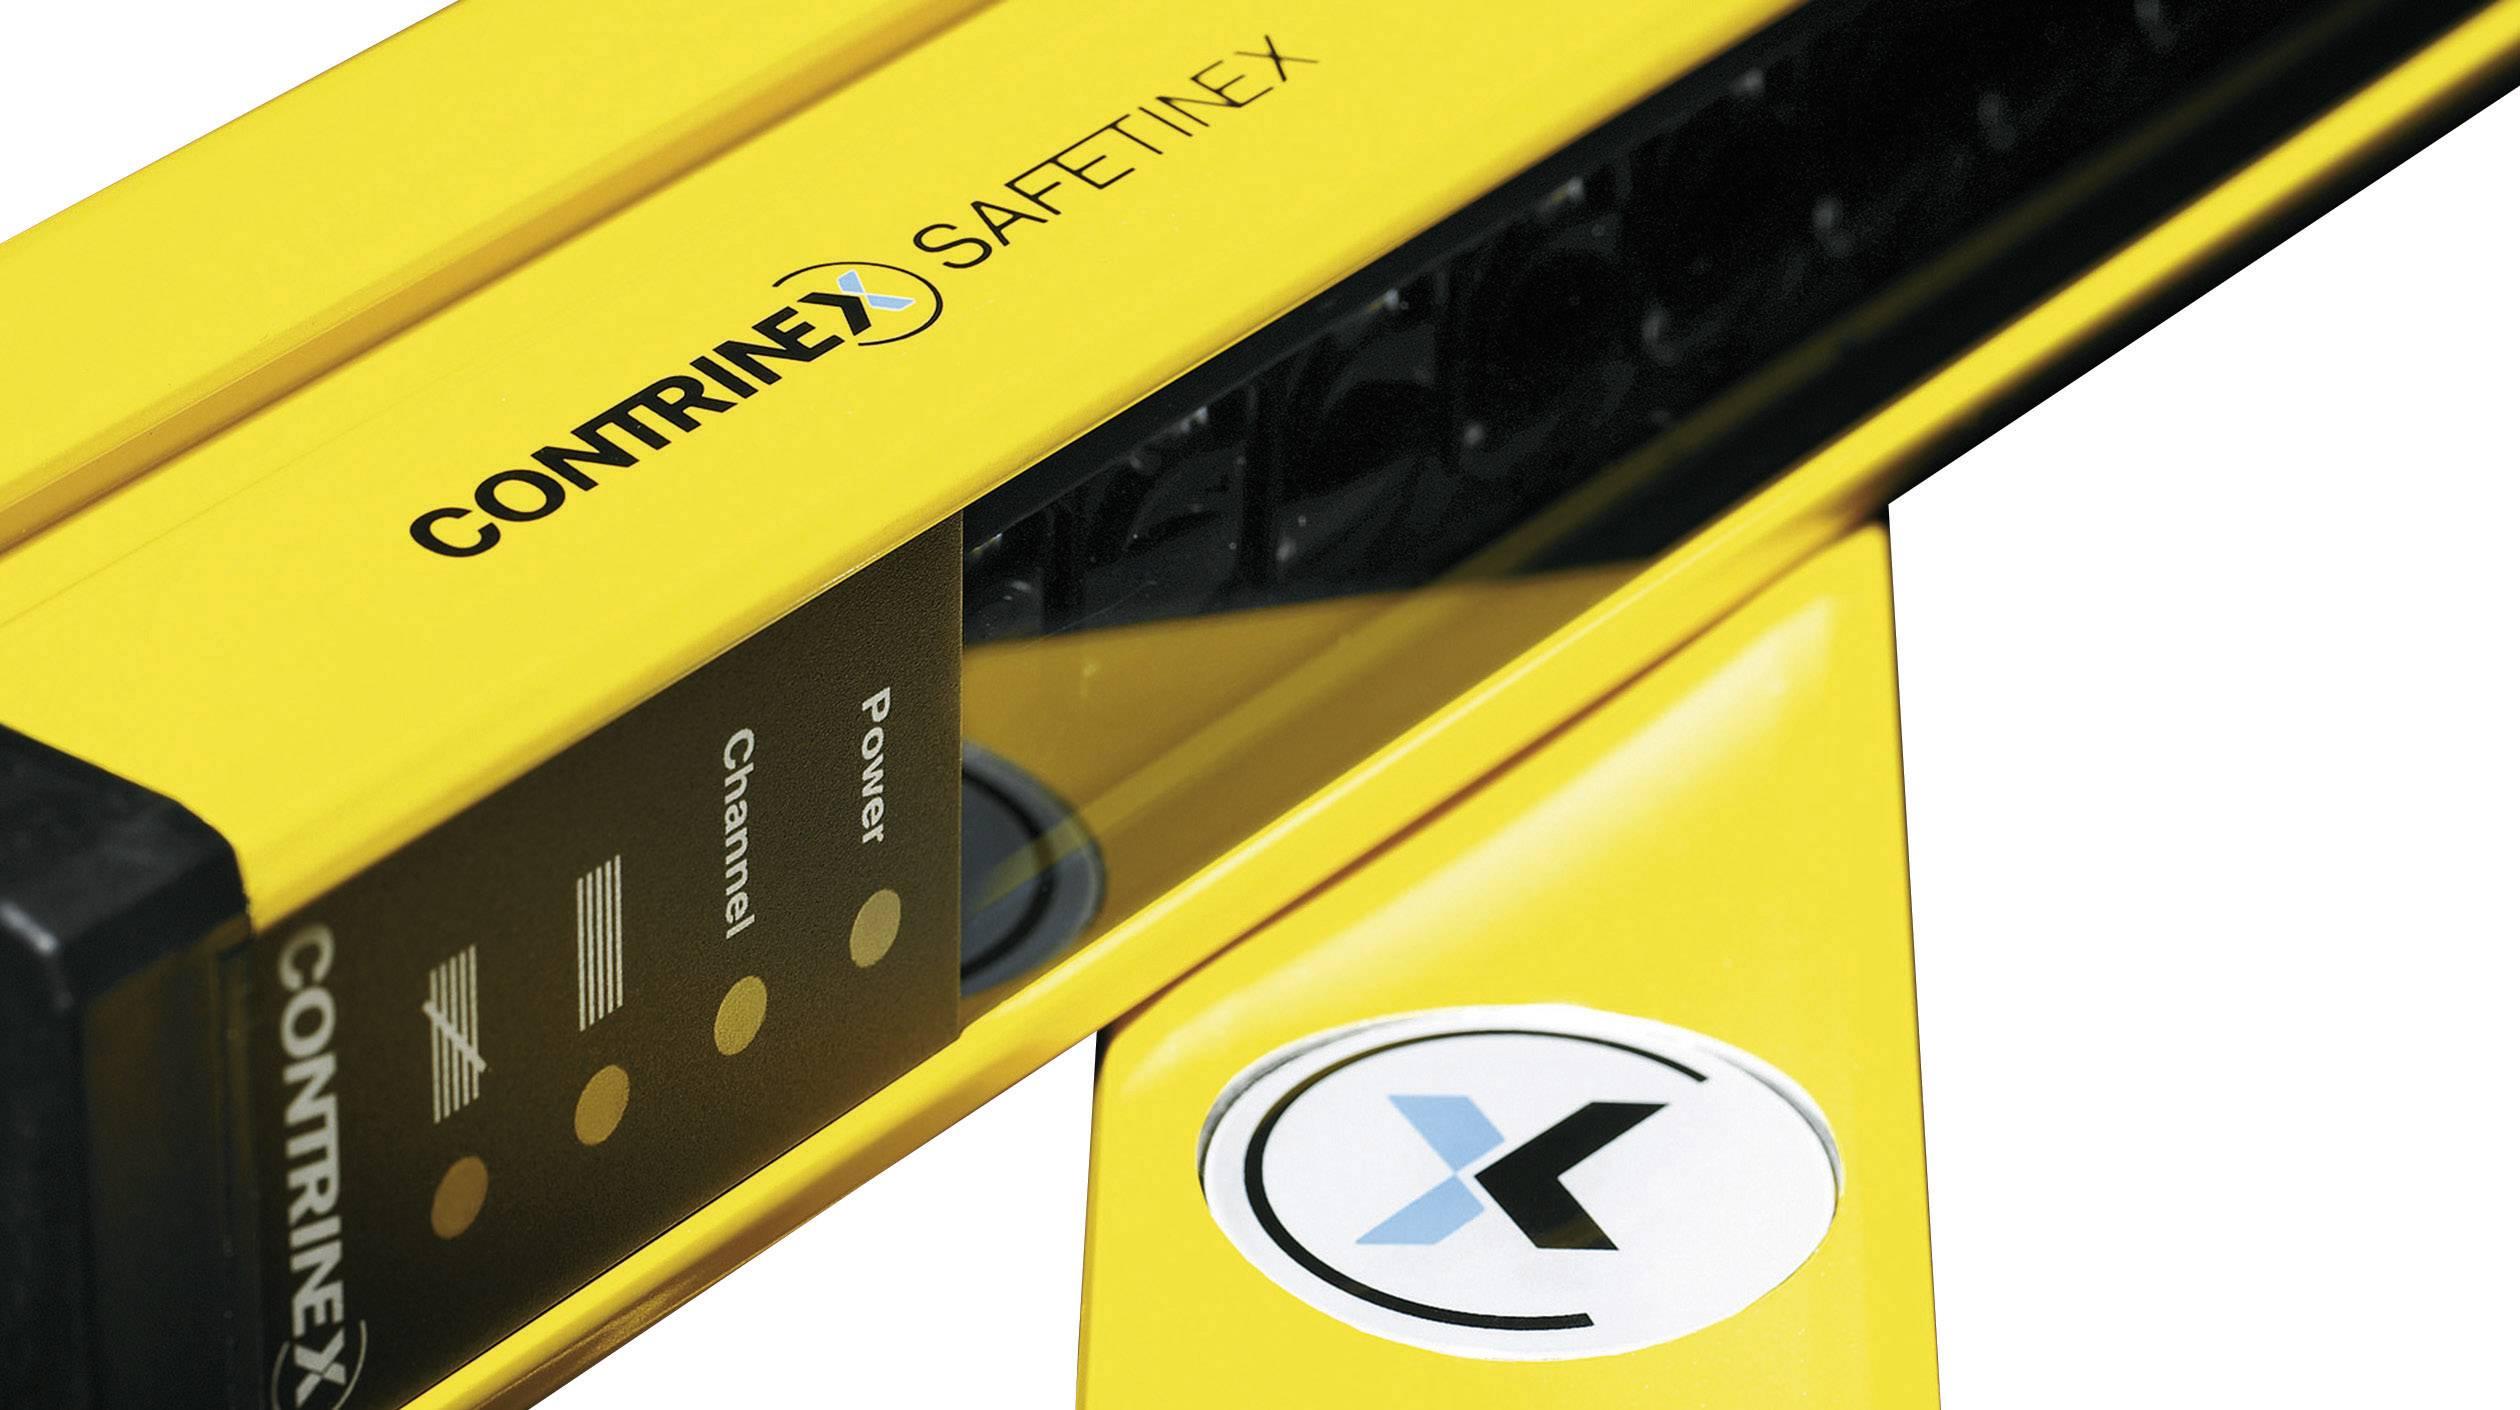 Bezpečnostní světelná závora pro ochranu rukou Contrinex YBB-30S4-0500-G012 630 000 588